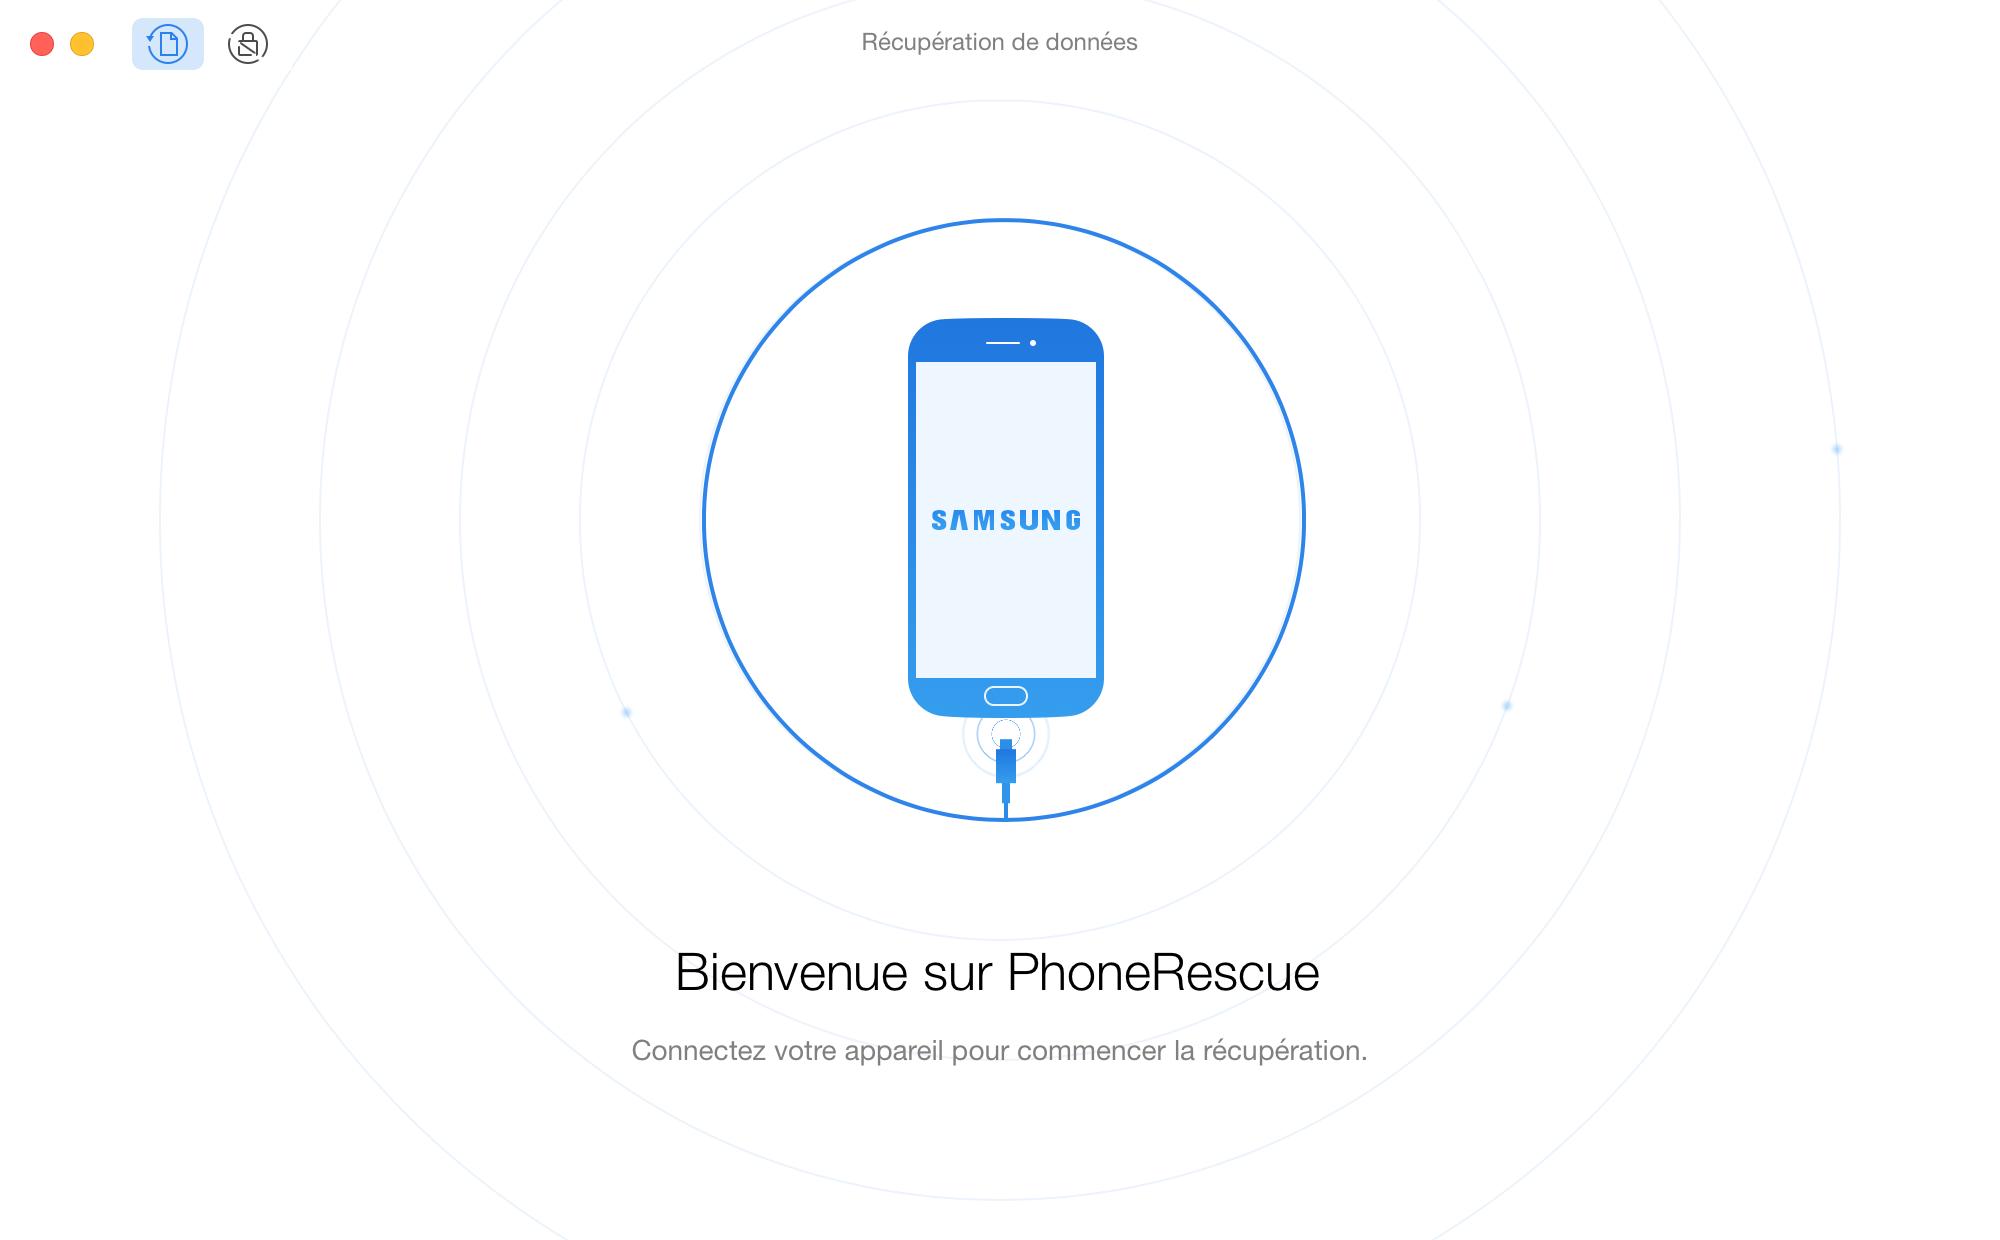 Connexion de votre appareil Android